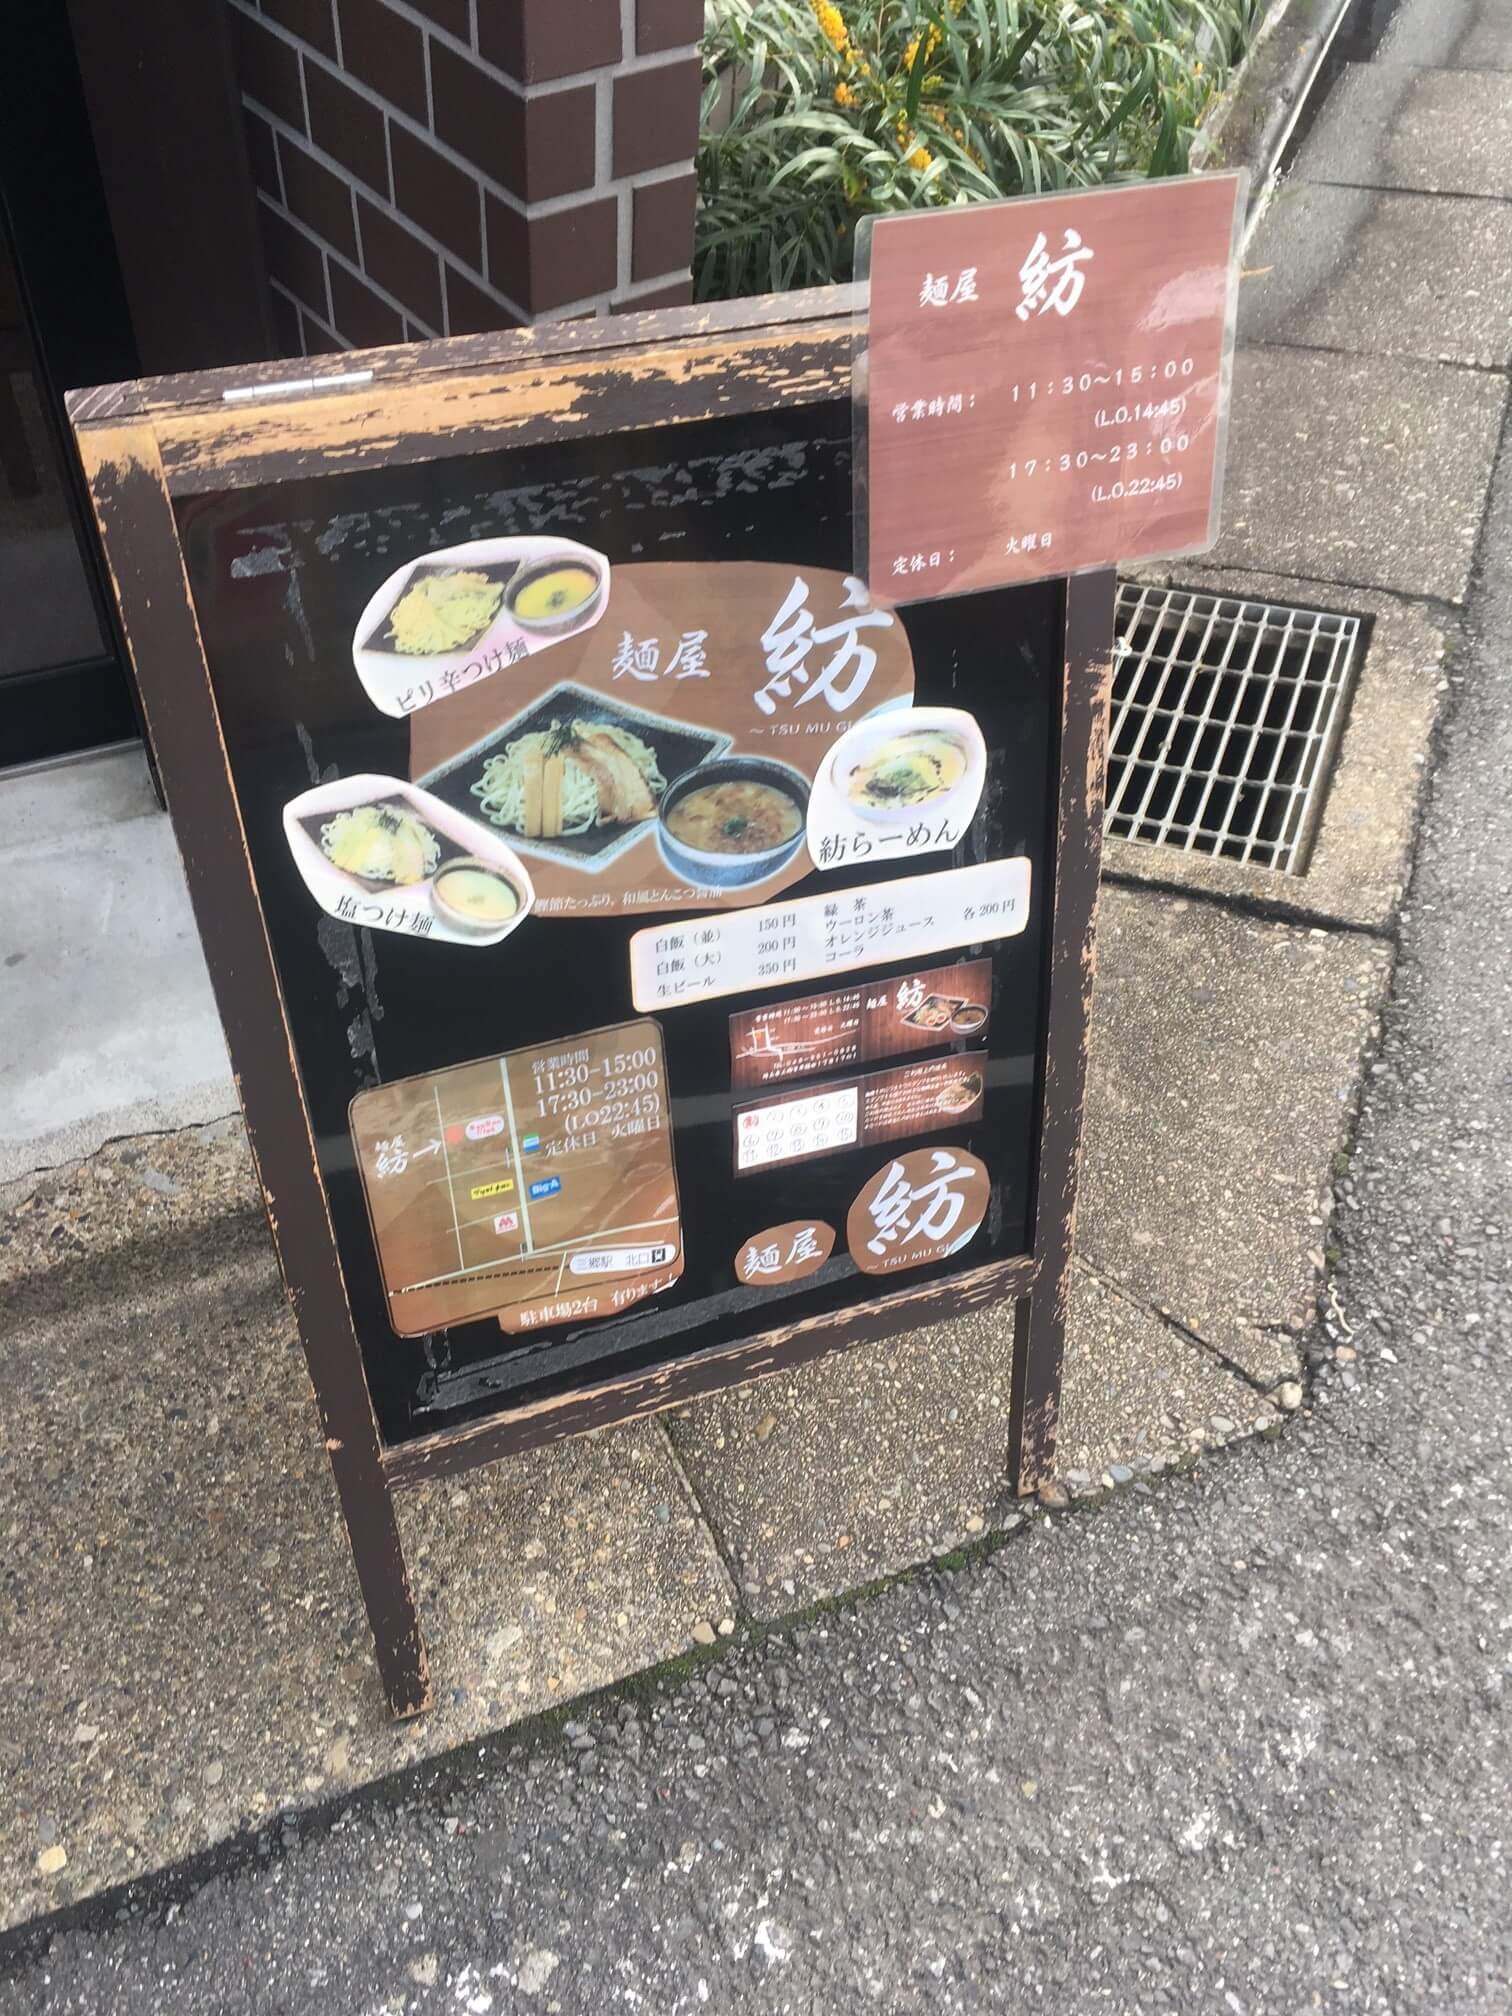 麺屋紡で特製紡ラーメン、小盛りつけ麺、ミニからあげ丼、ネギマヨ餃子を食べてきたよ!